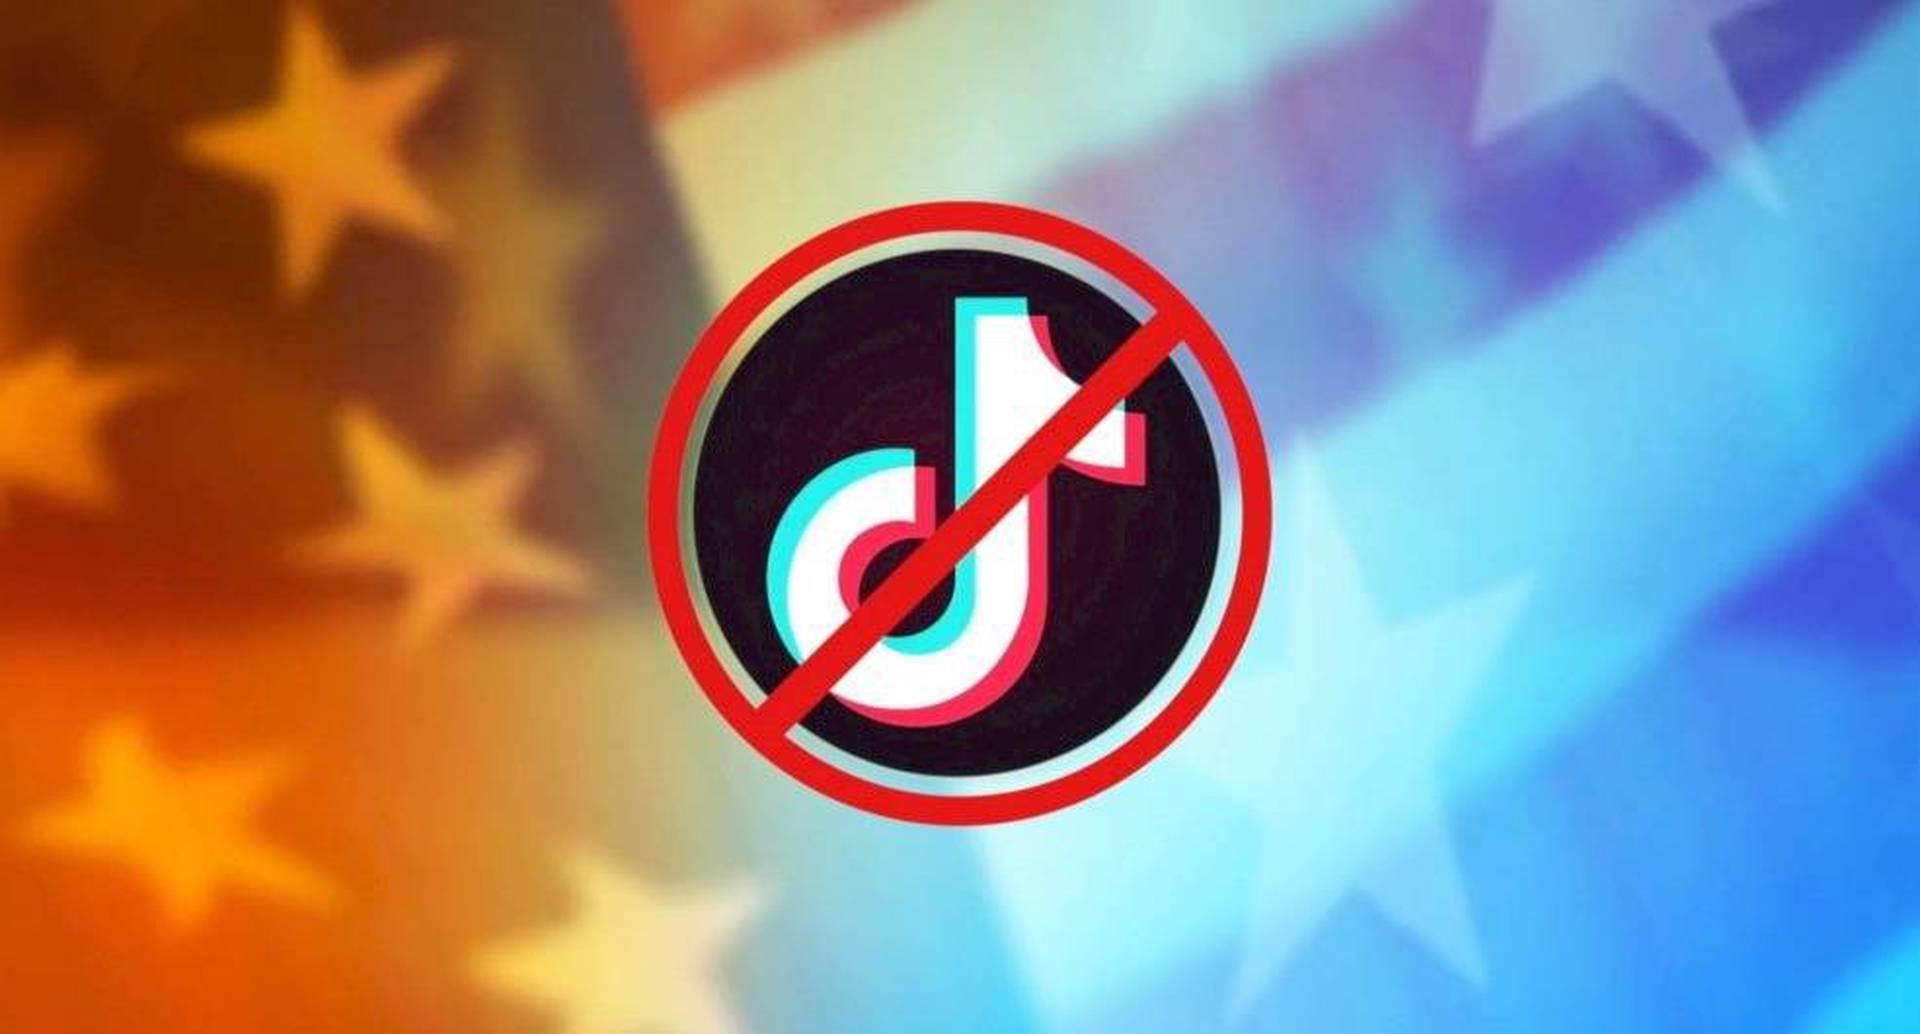 Estados Unidos pretende prohibir la red social en su territorio.